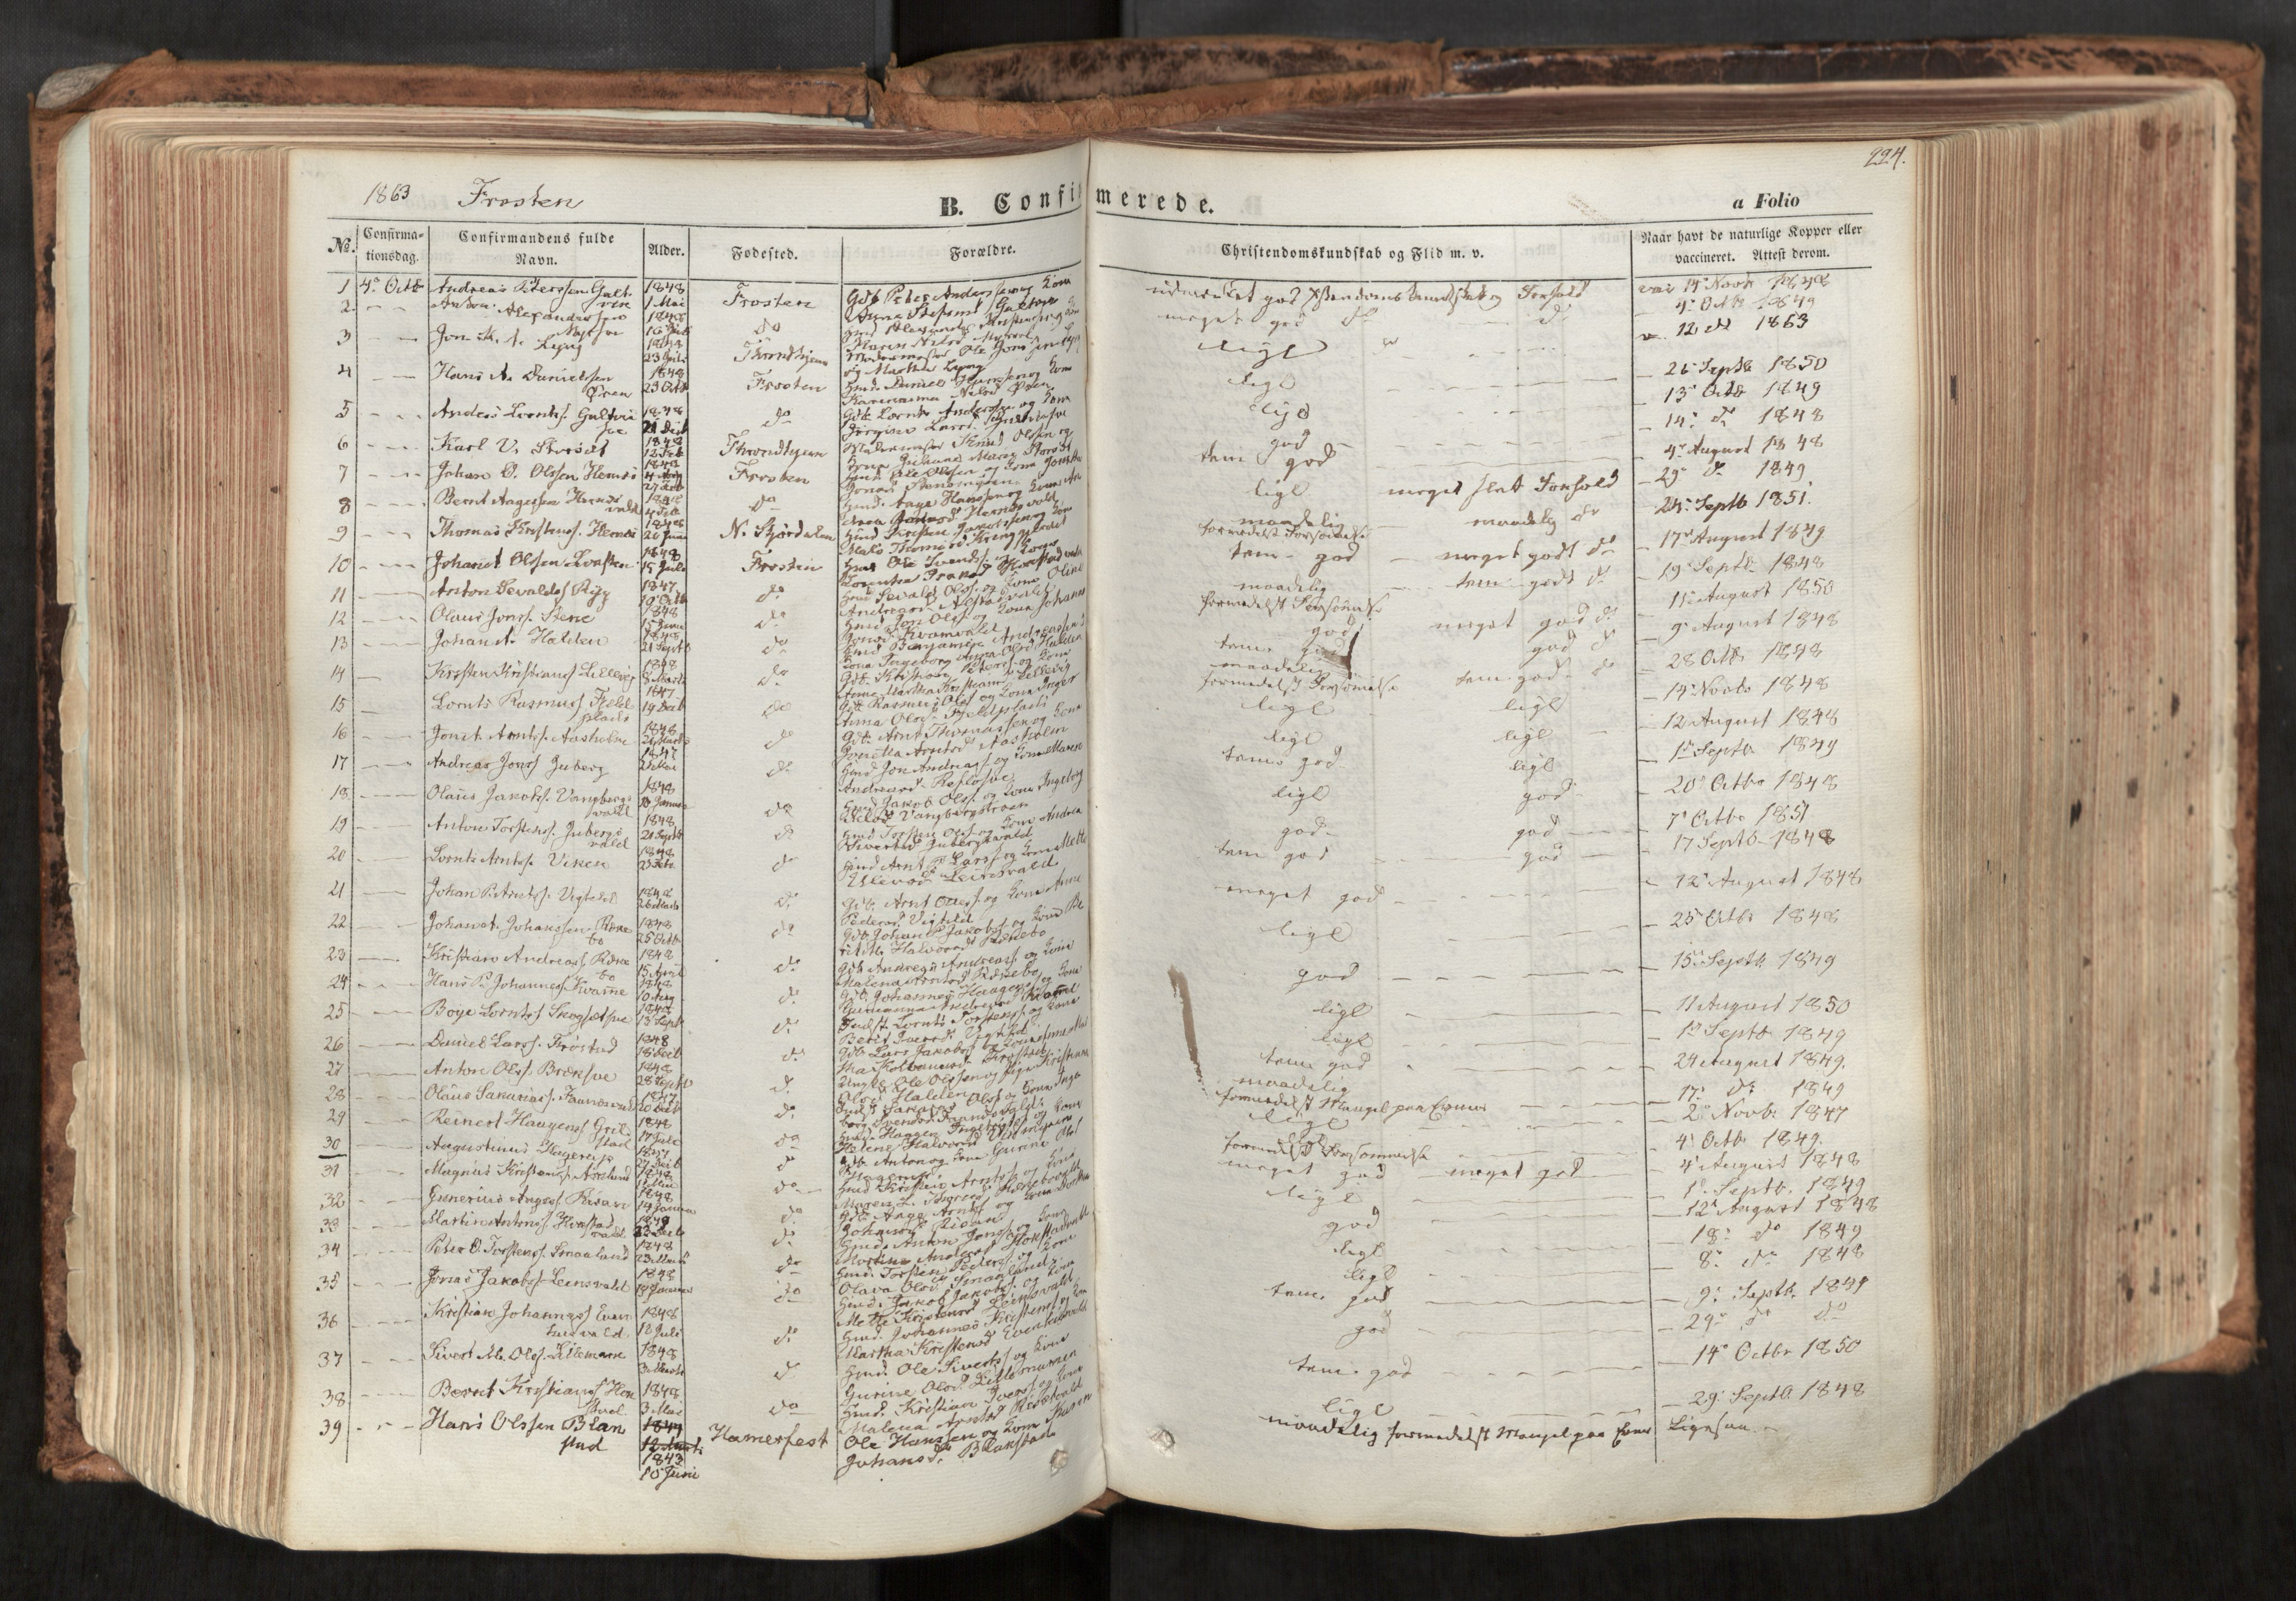 SAT, Ministerialprotokoller, klokkerbøker og fødselsregistre - Nord-Trøndelag, 713/L0116: Ministerialbok nr. 713A07, 1850-1877, s. 224